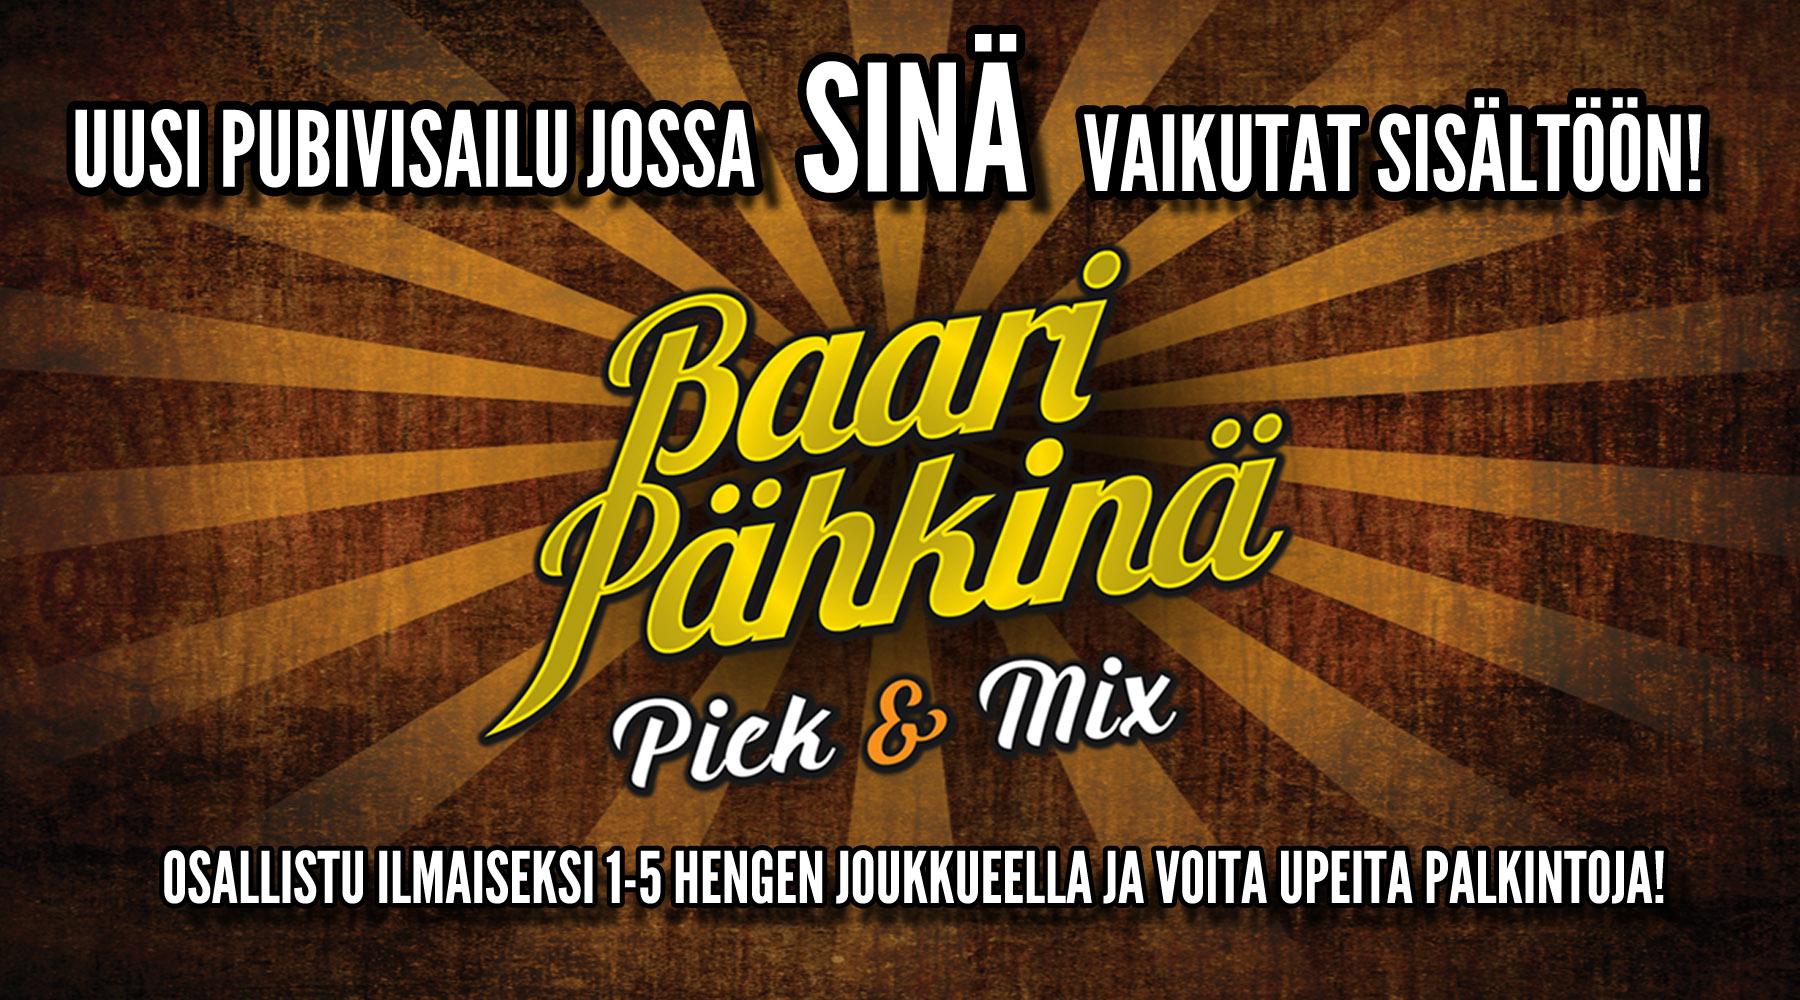 Baaripähkinä Pick & Mix pubivisa la 03.02. kello 20:00